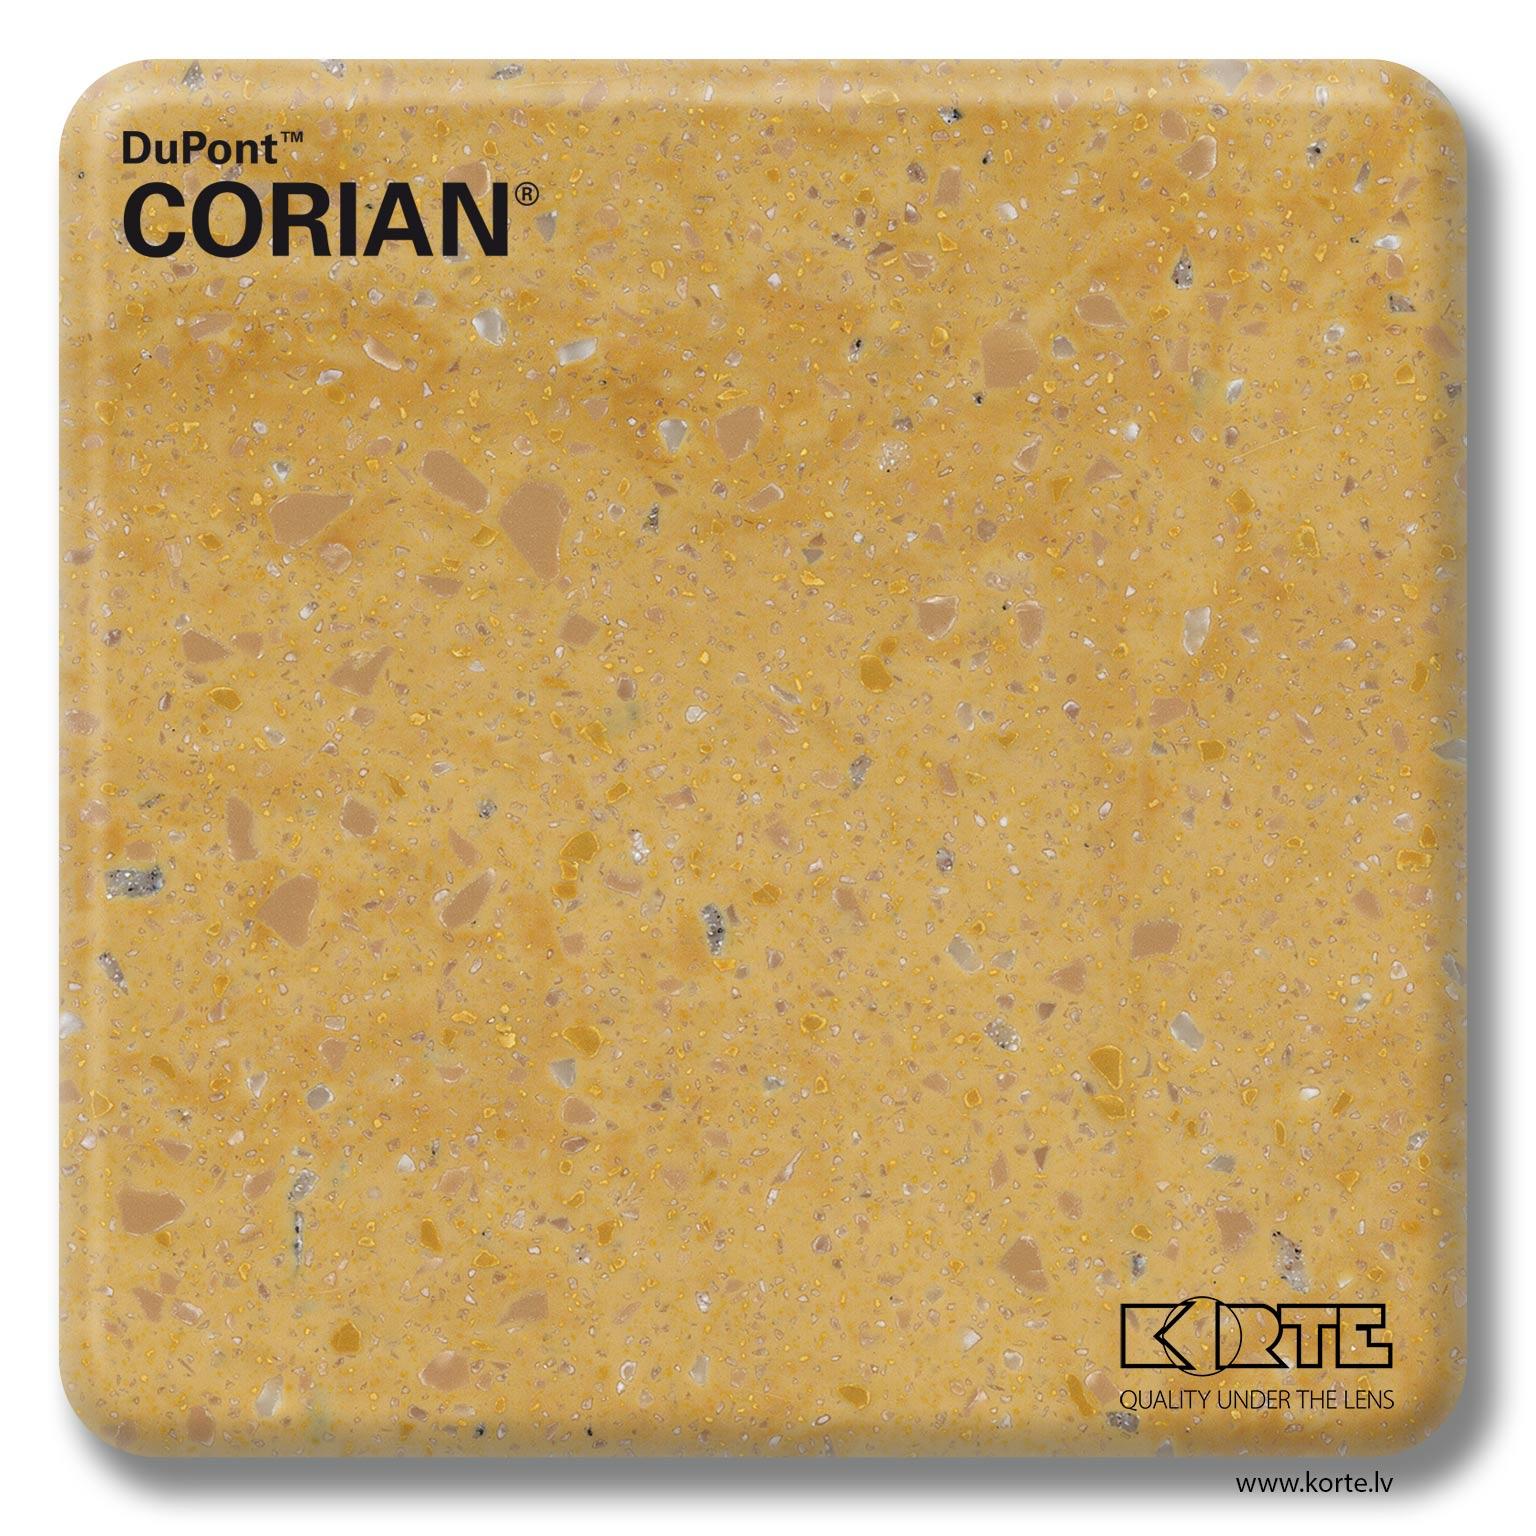 DuPont Corian Aztec Gold